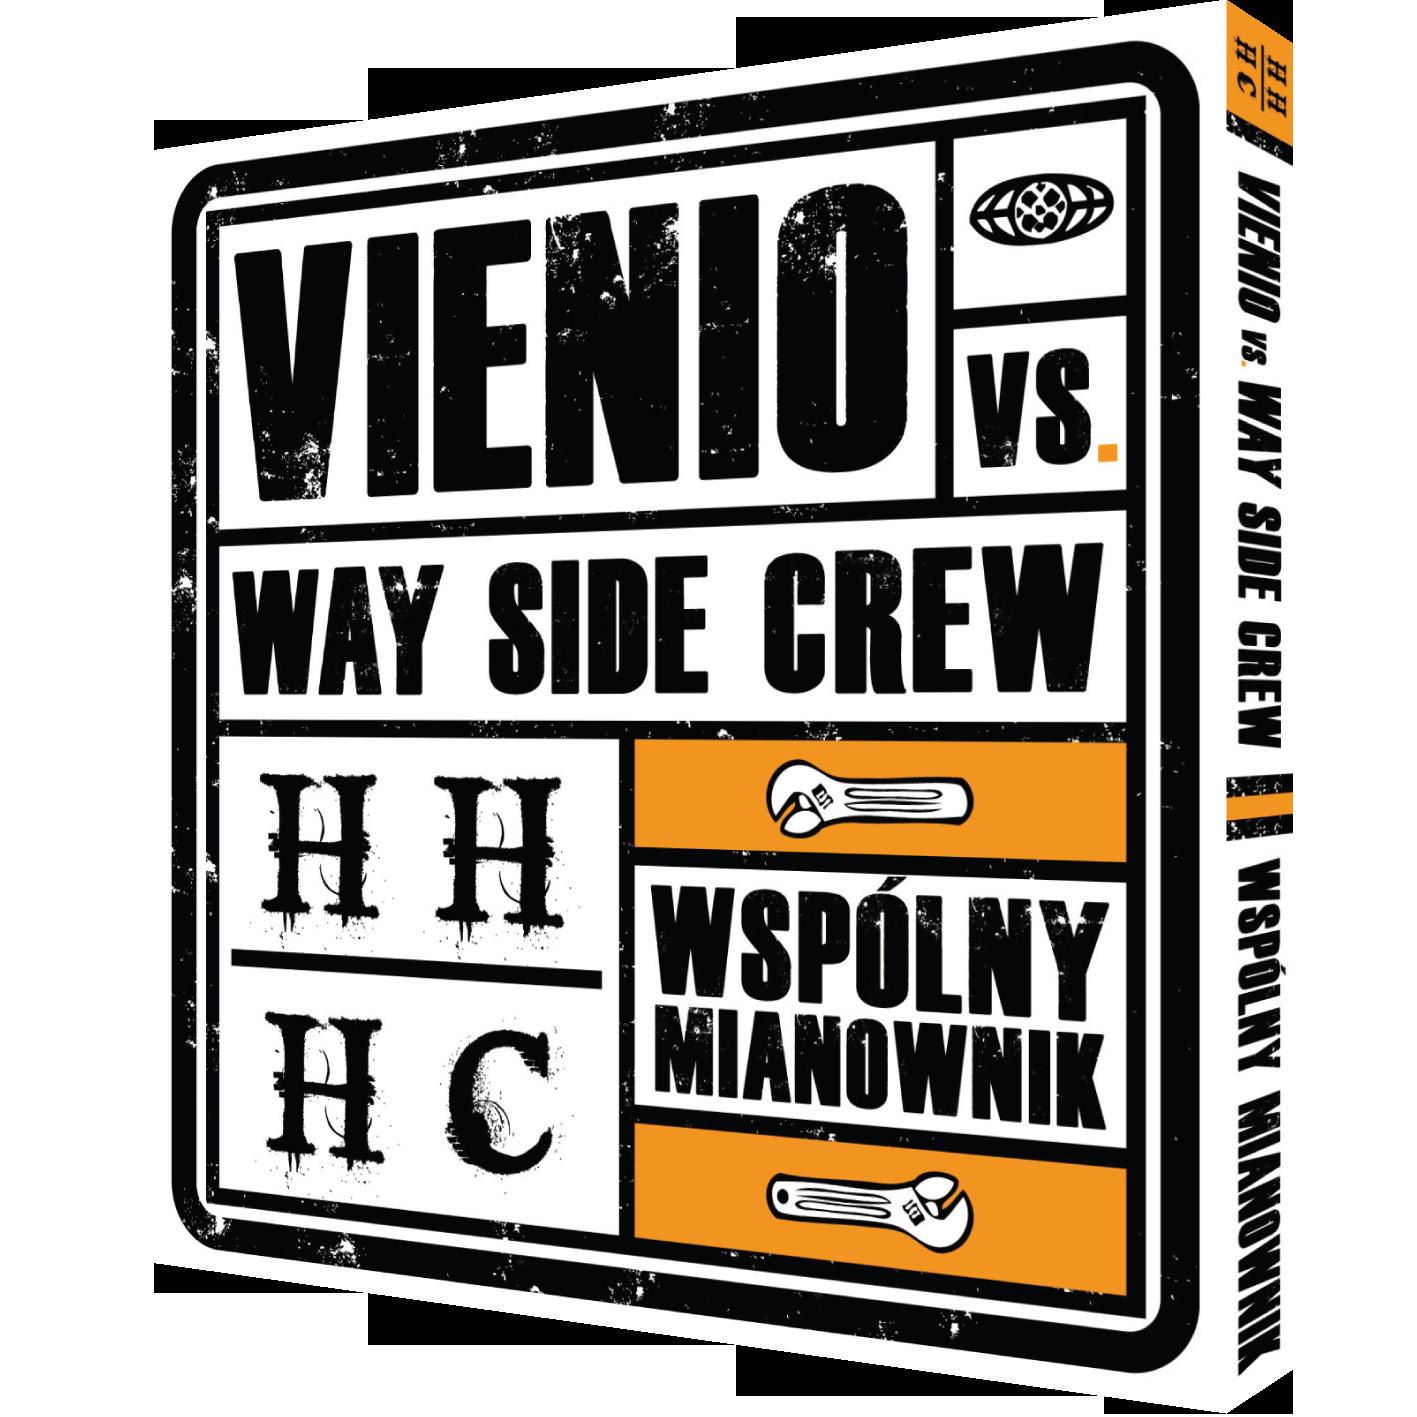 Vienio i Way Side Crew - Wspólny Mianownik